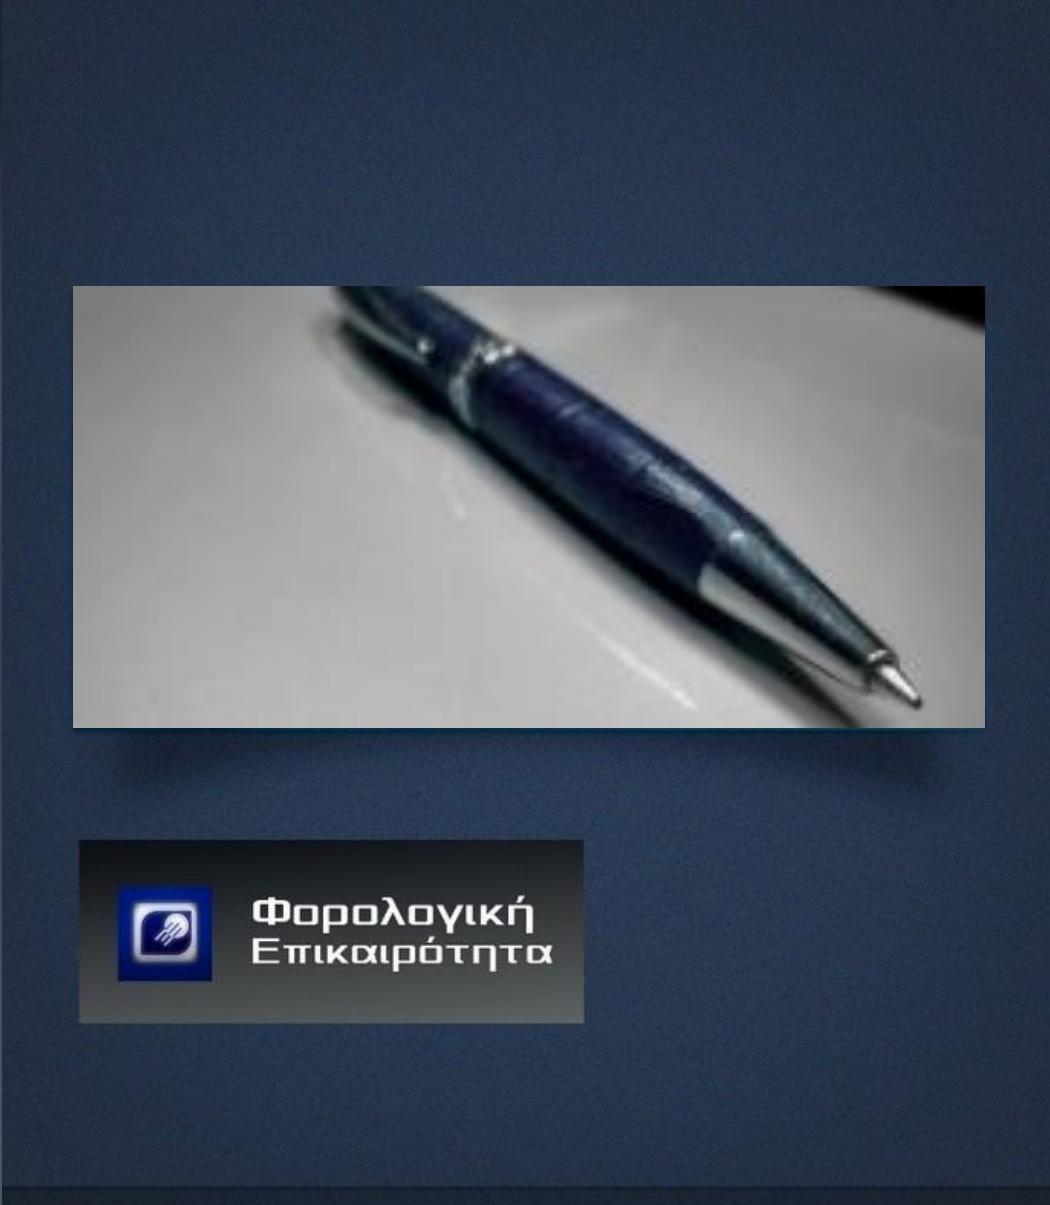 Μέχρι τις 15/7 οι δηλώσεις covid για τον Μάιο και έως τις 16/7 η ανάρτηση δικαιολογητικών για τις Επιστρεπτέες Προκαταβολές